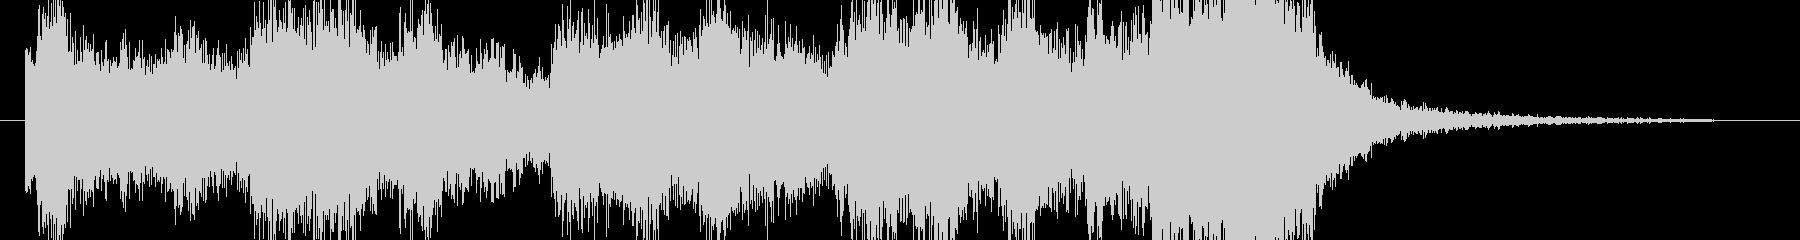 ジングル - エキサイトシーンの未再生の波形